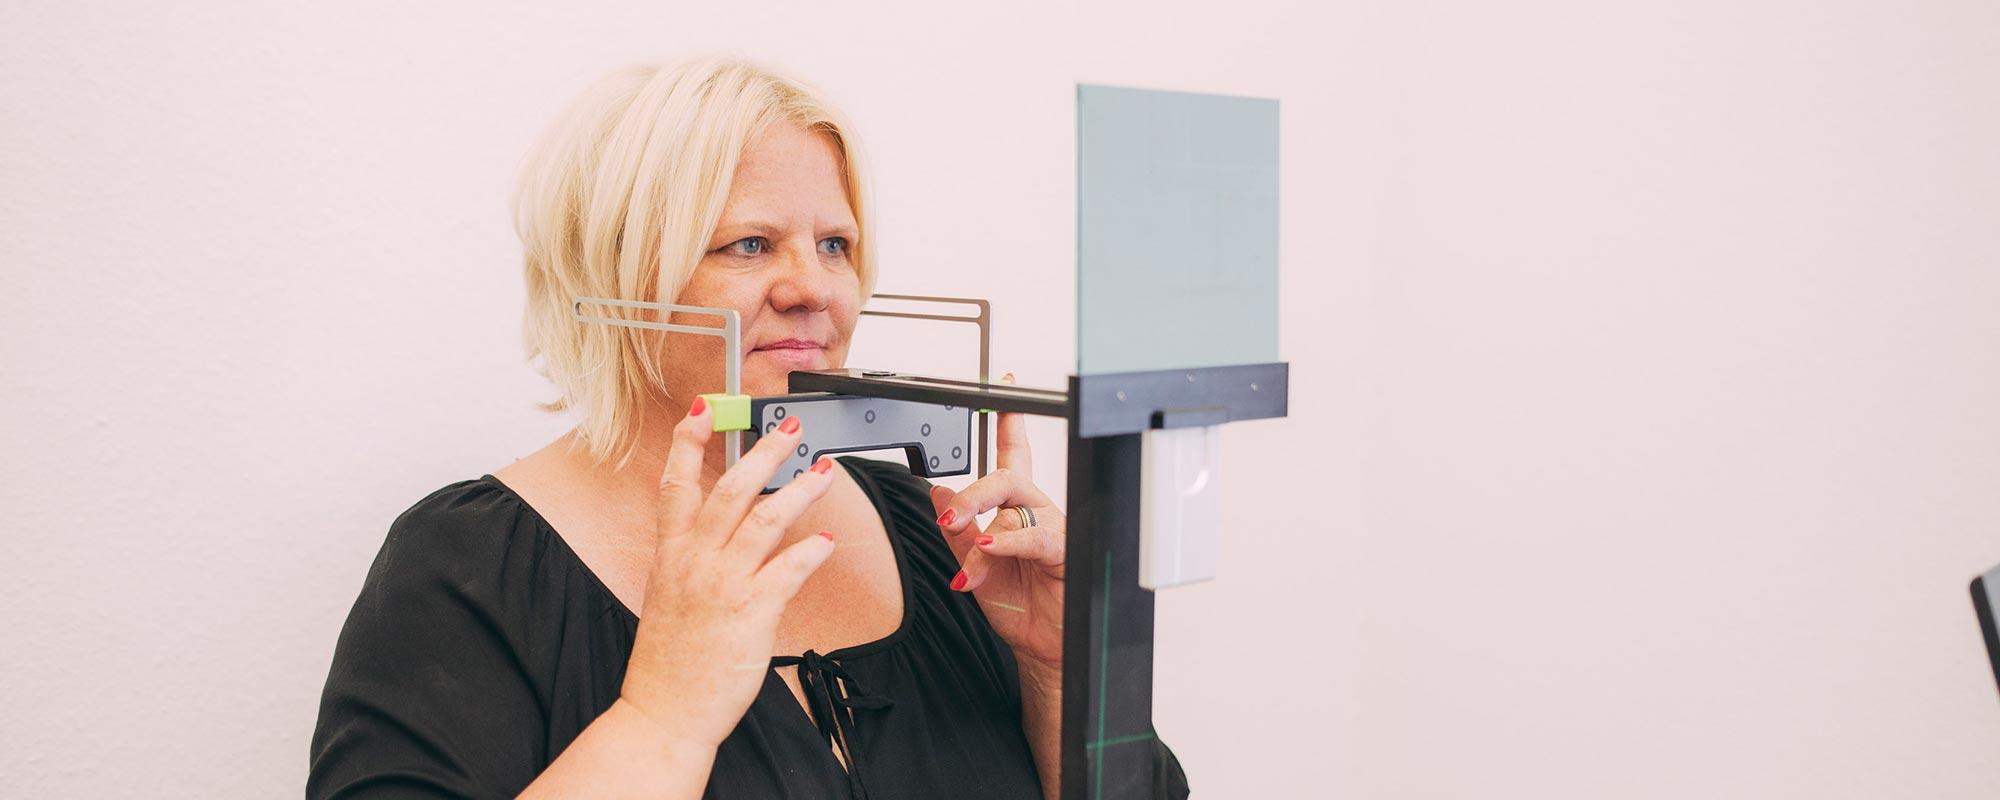 Ästhetische Zahnheilkunde und Ästhetik-Check in Baden-Baden.